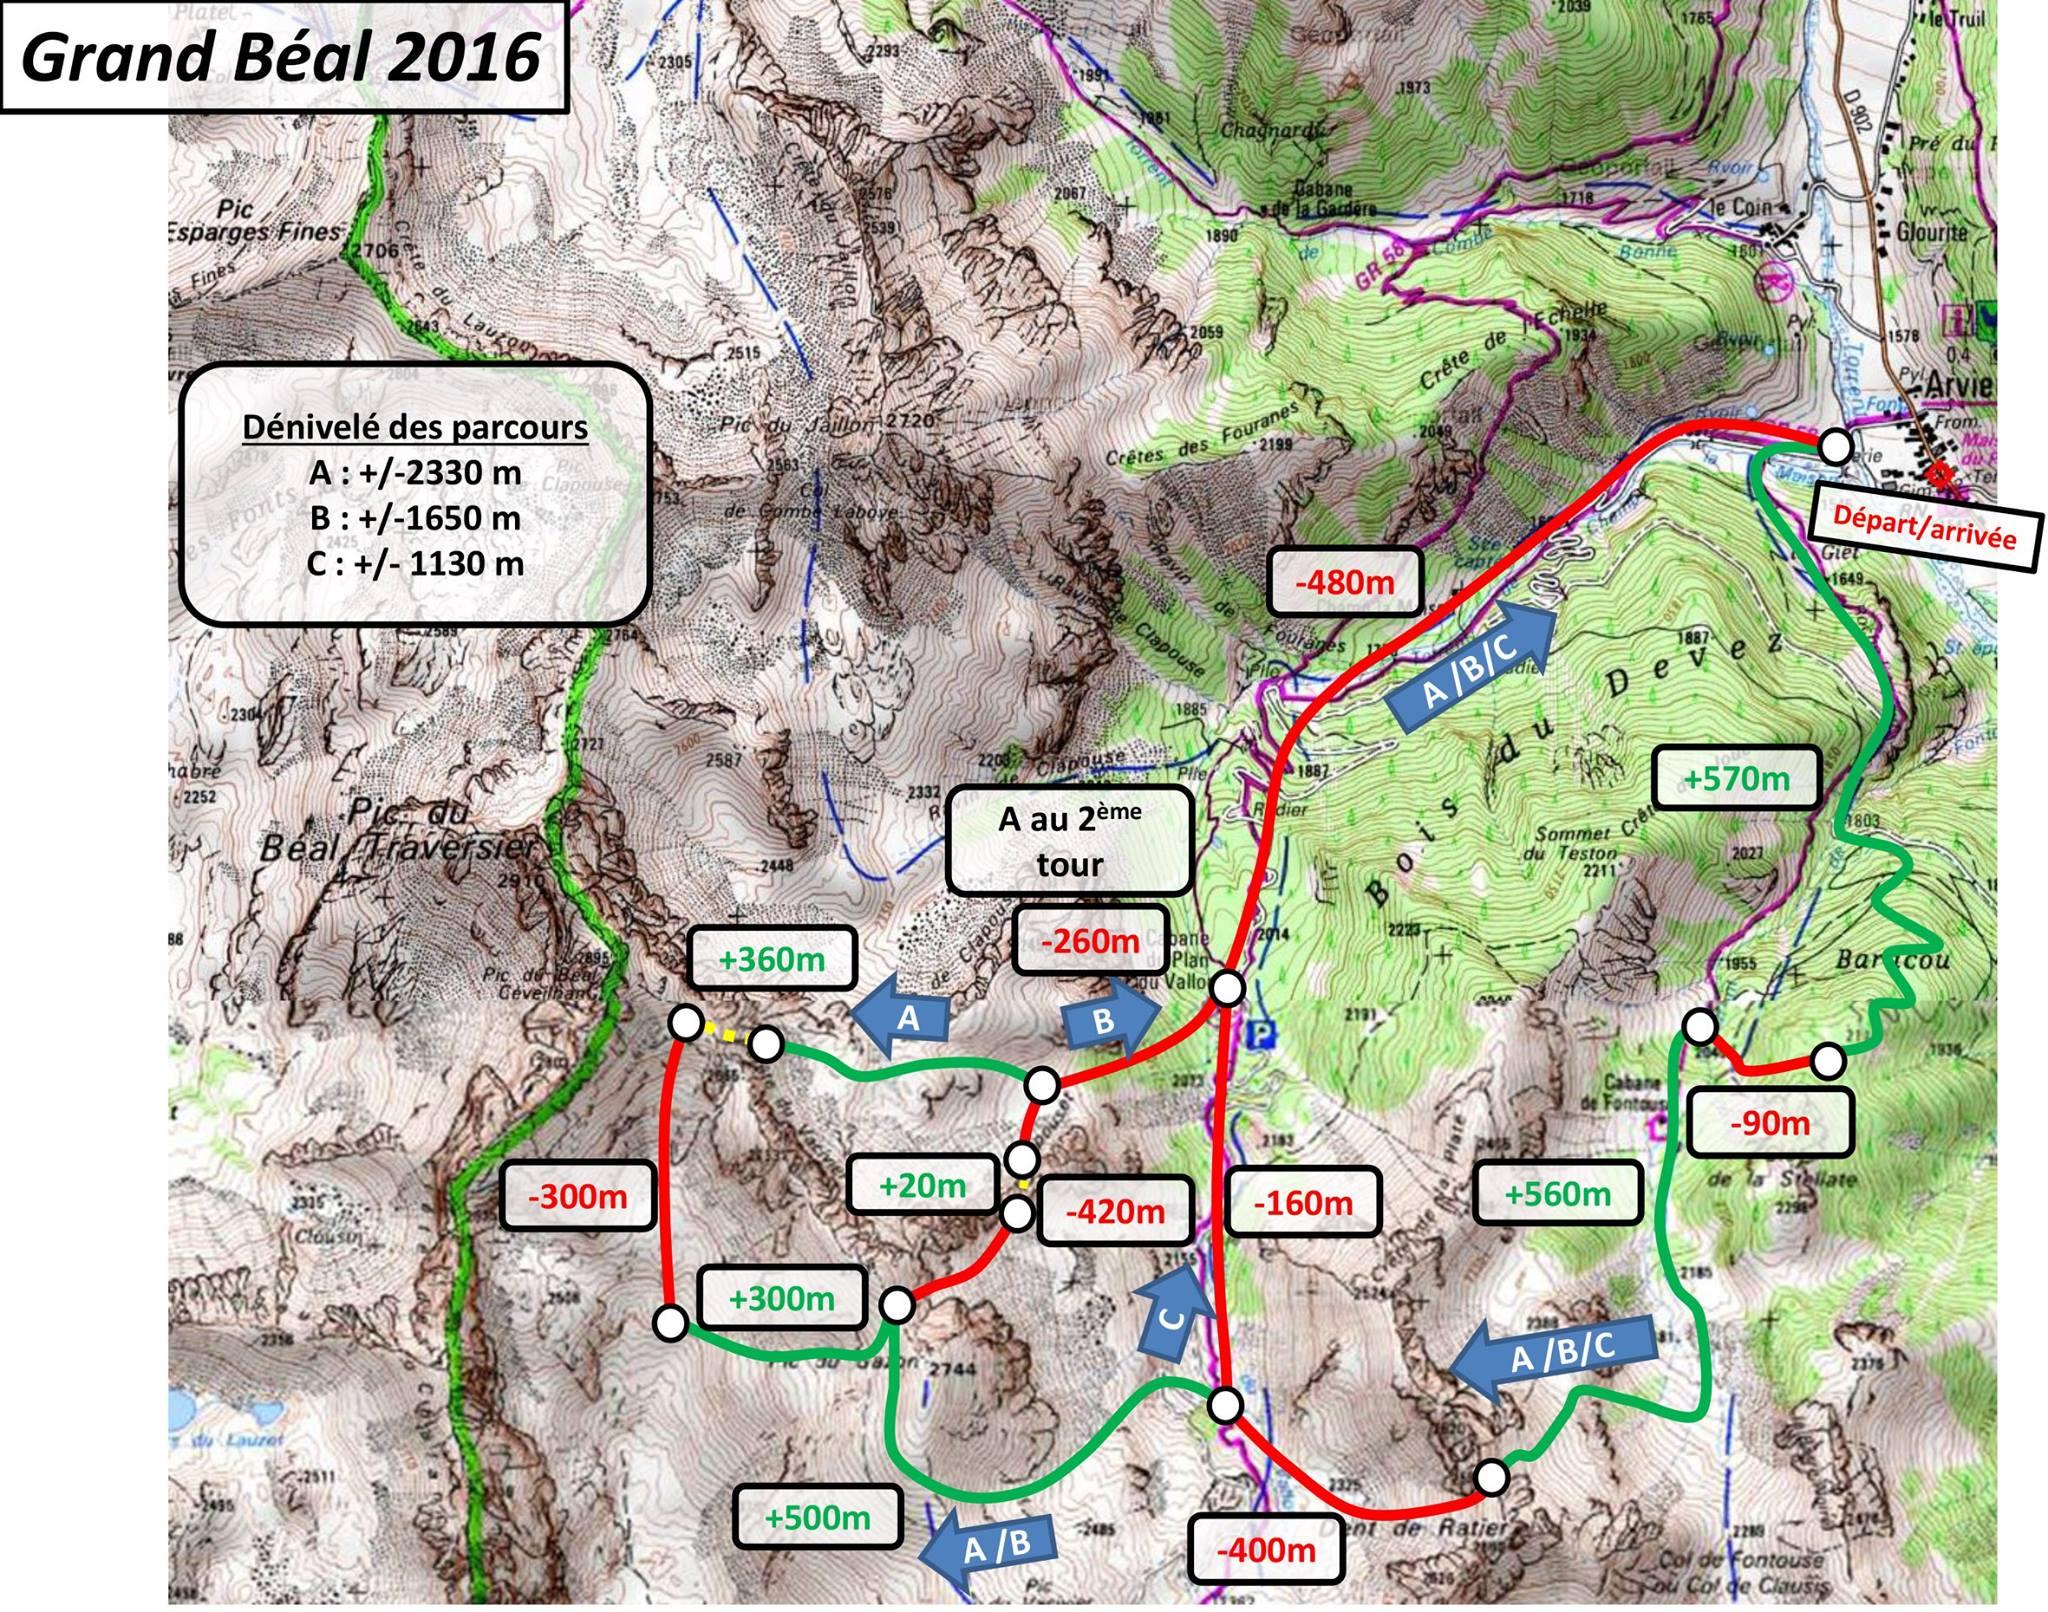 Tracés des parcours A, B, C du Grand Beal 2016